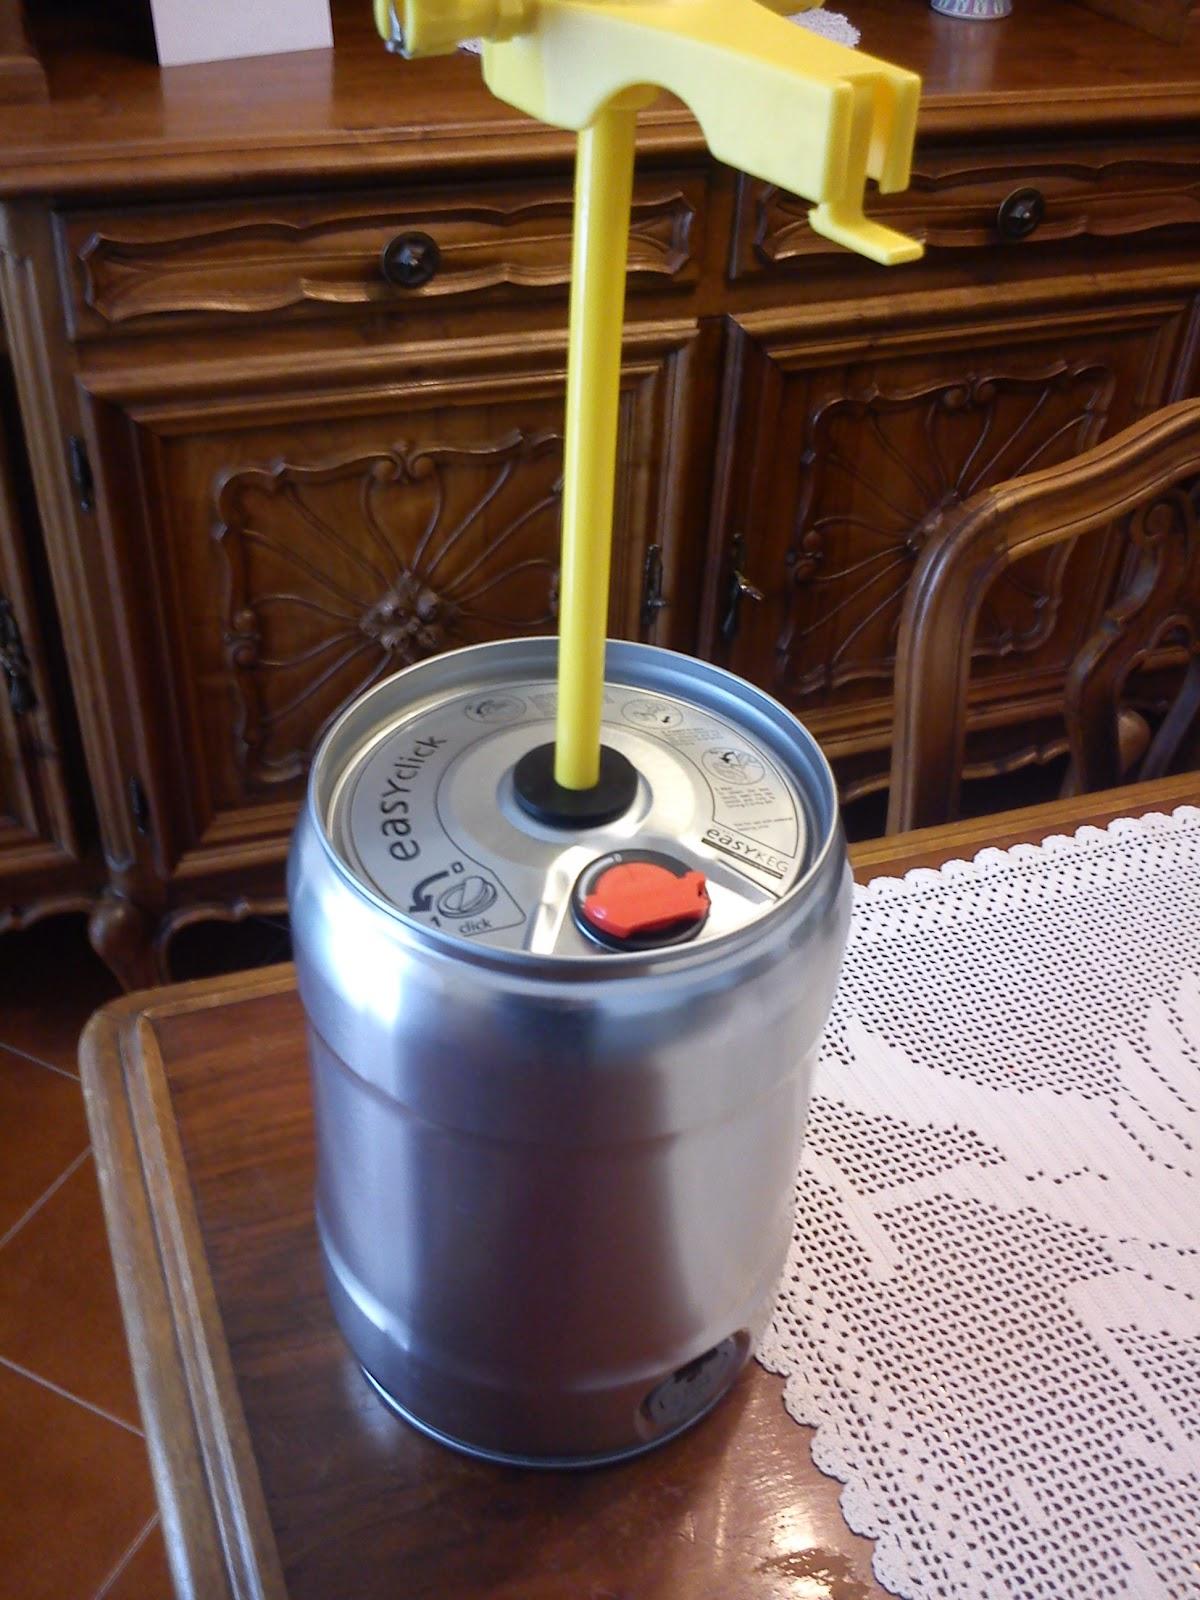 Dk 39 s beer spillatore birra artide serie tank g3 - Spillatore birra da casa ...